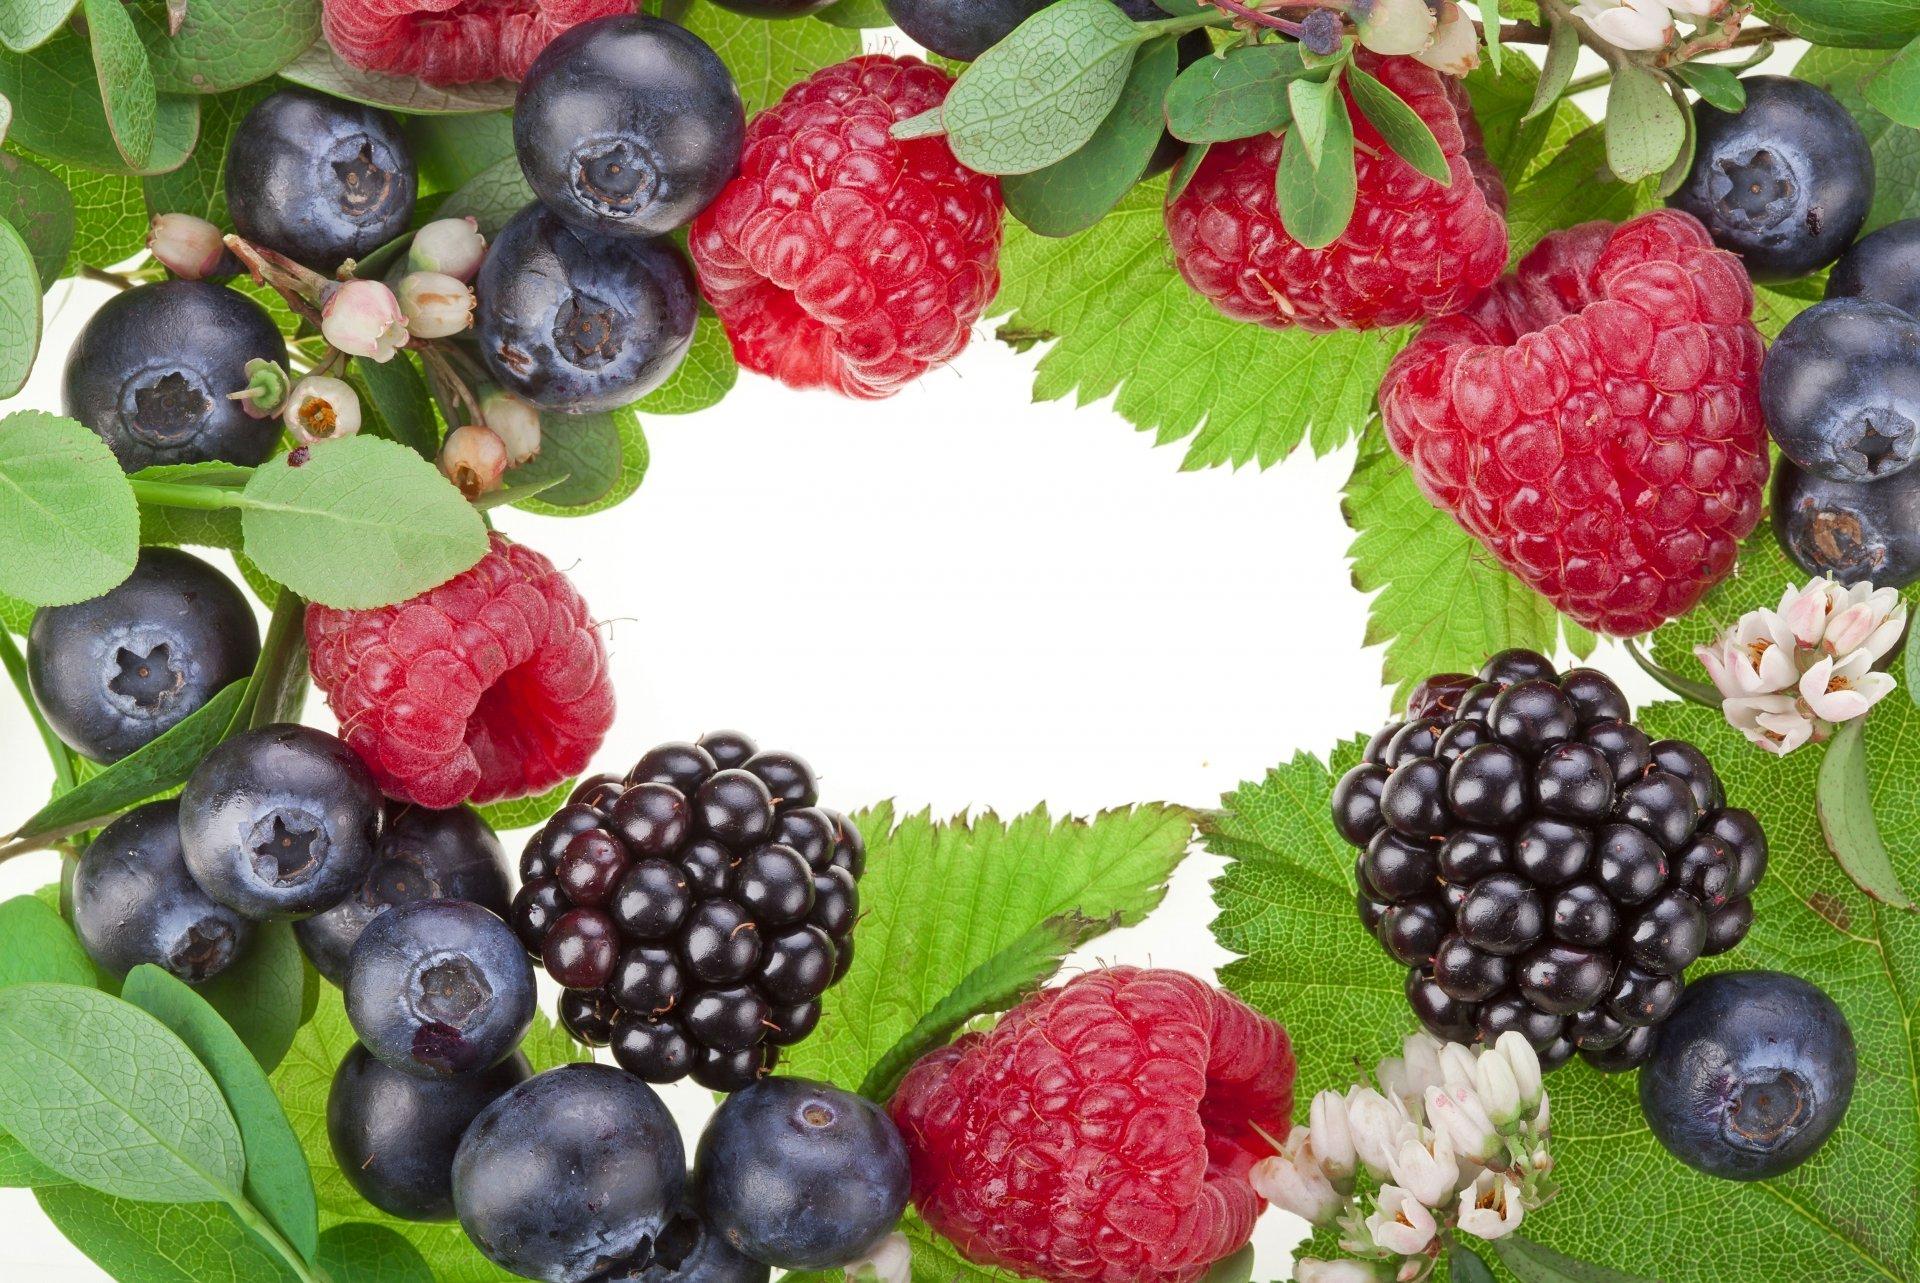 нужно красивый фон для открытки ягоды обожали